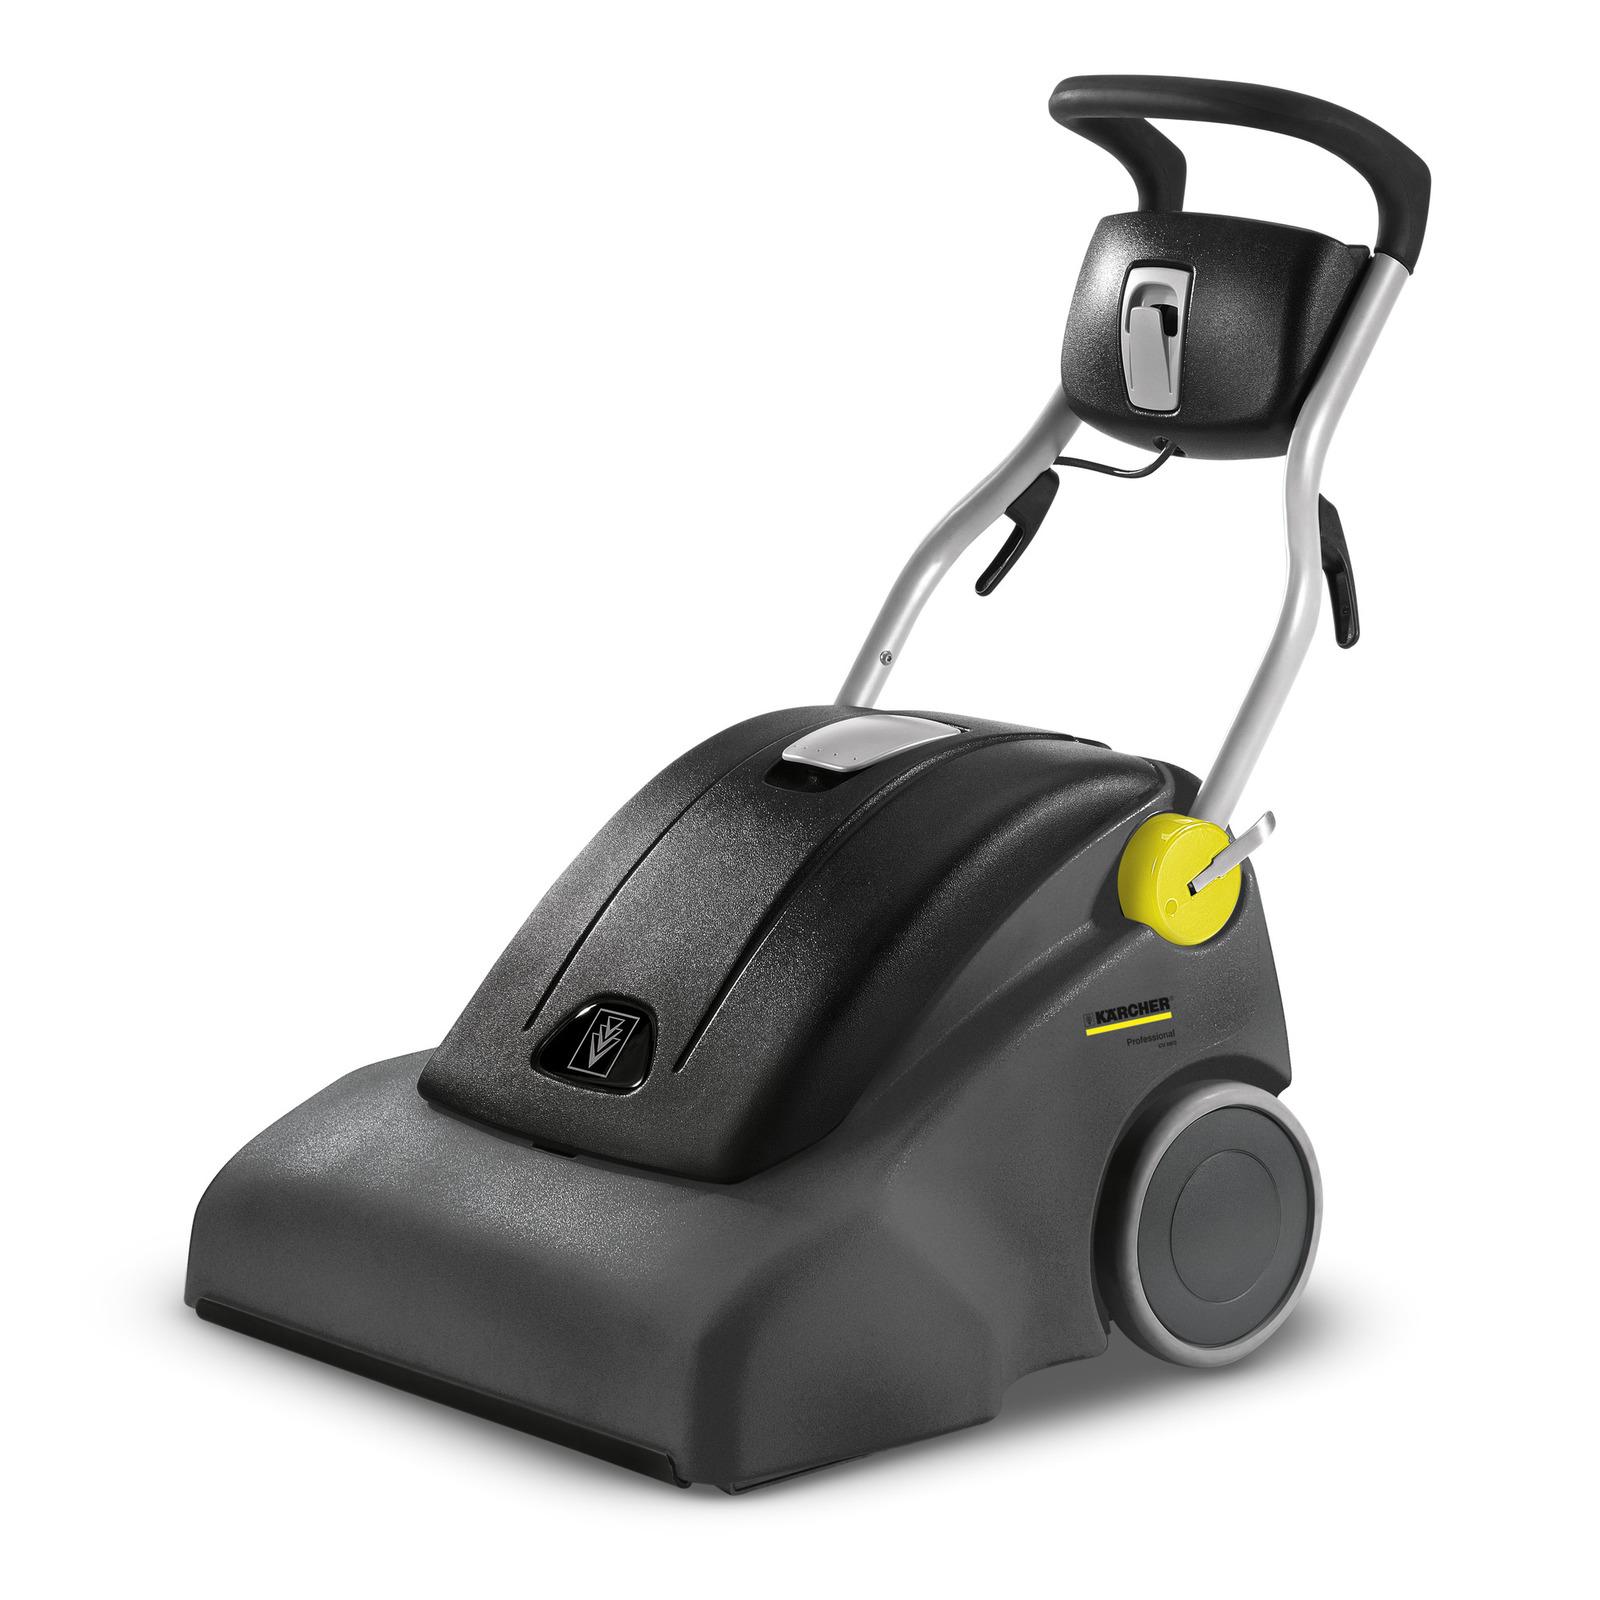 Aspiro brosseur pour moquettes cv 66 2 k rcher for Aspirateur pour moquette efficace